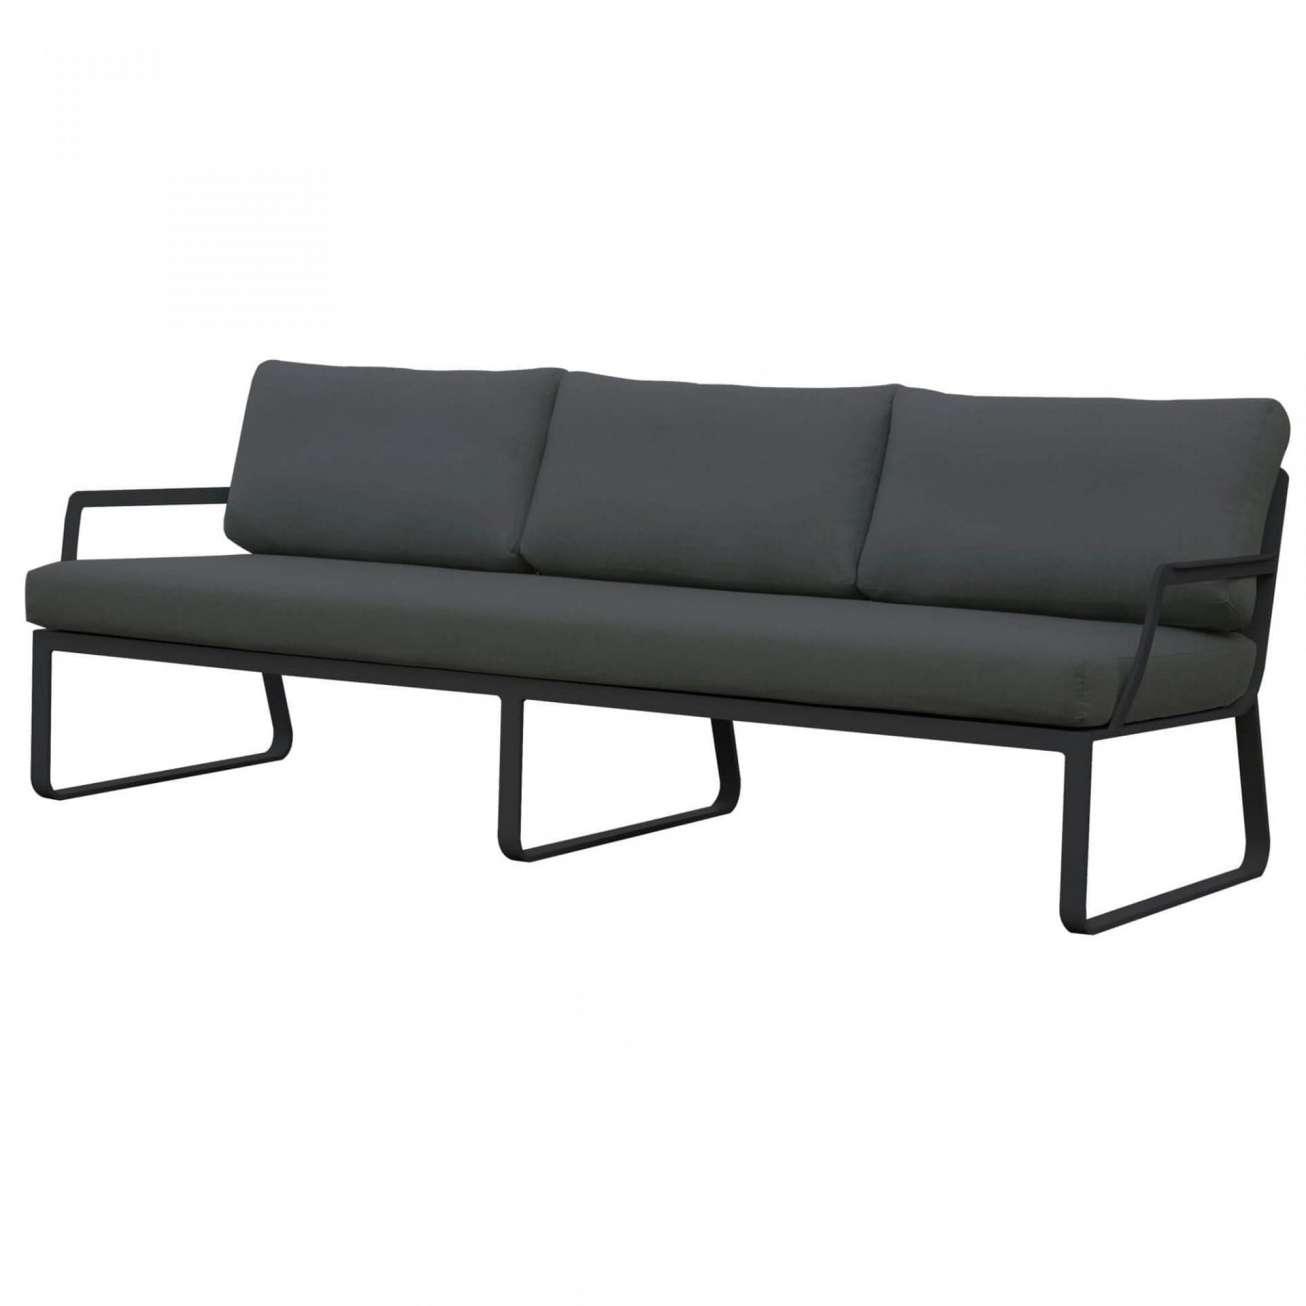 Gardenart treseter sofa i ramme av sort aluminium og mørkegrå tekstil